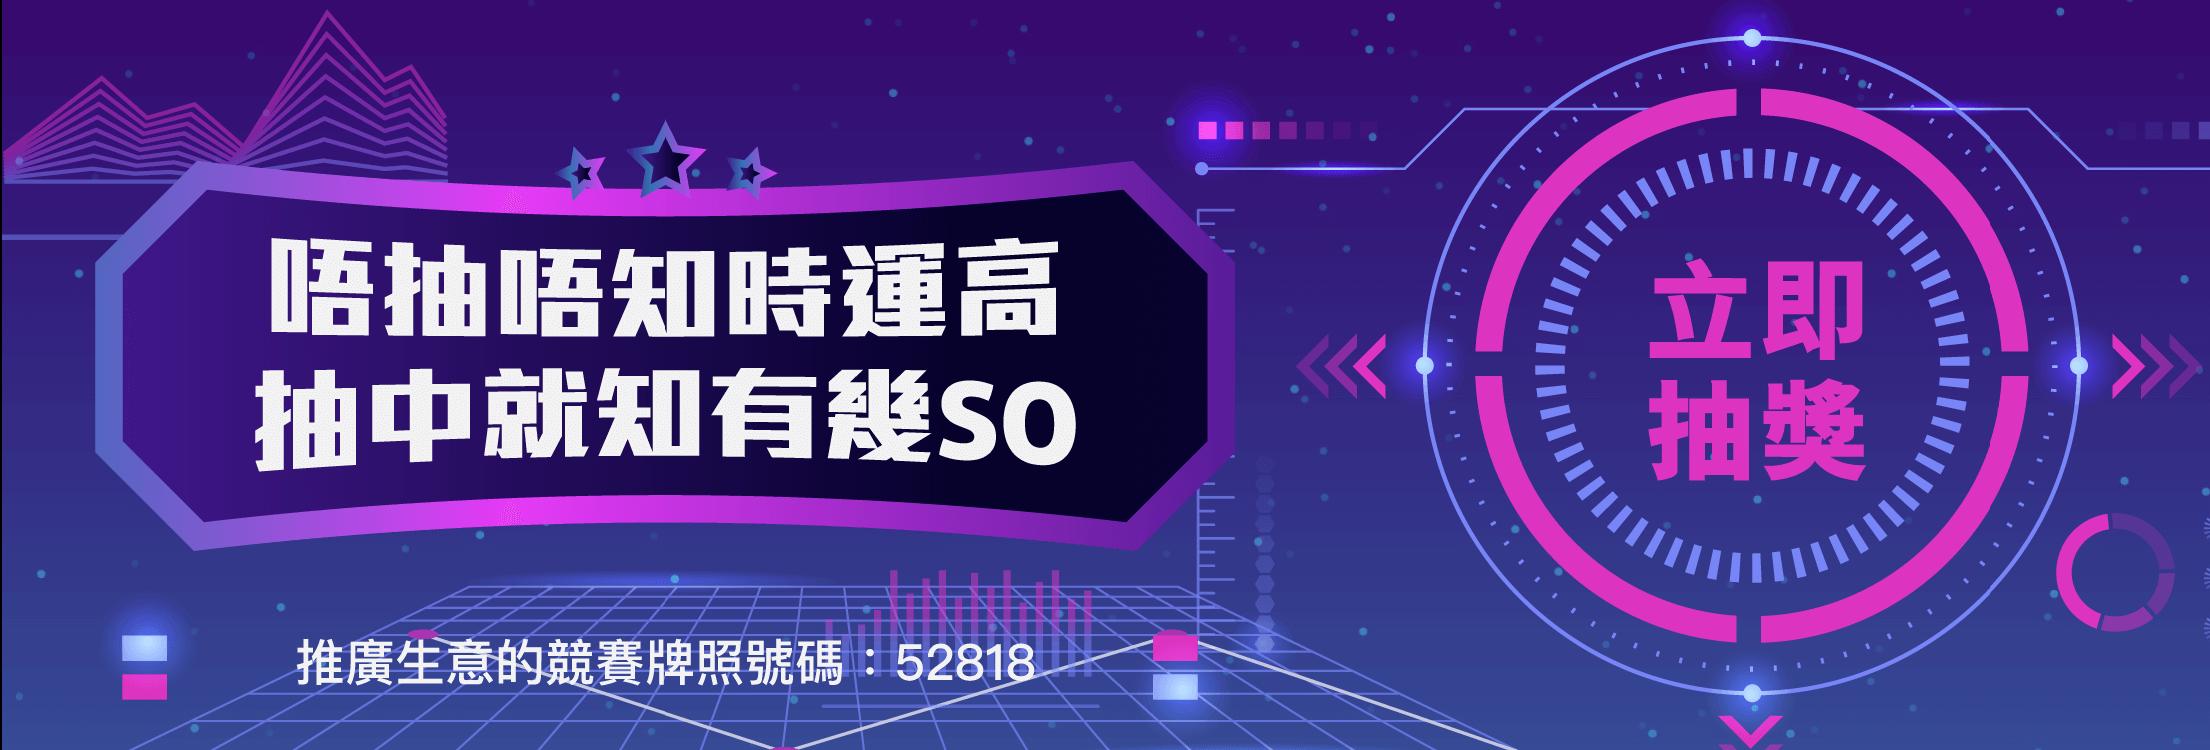 唔抽唔知時運高 抽中就知有幾SO(Chinese version only)